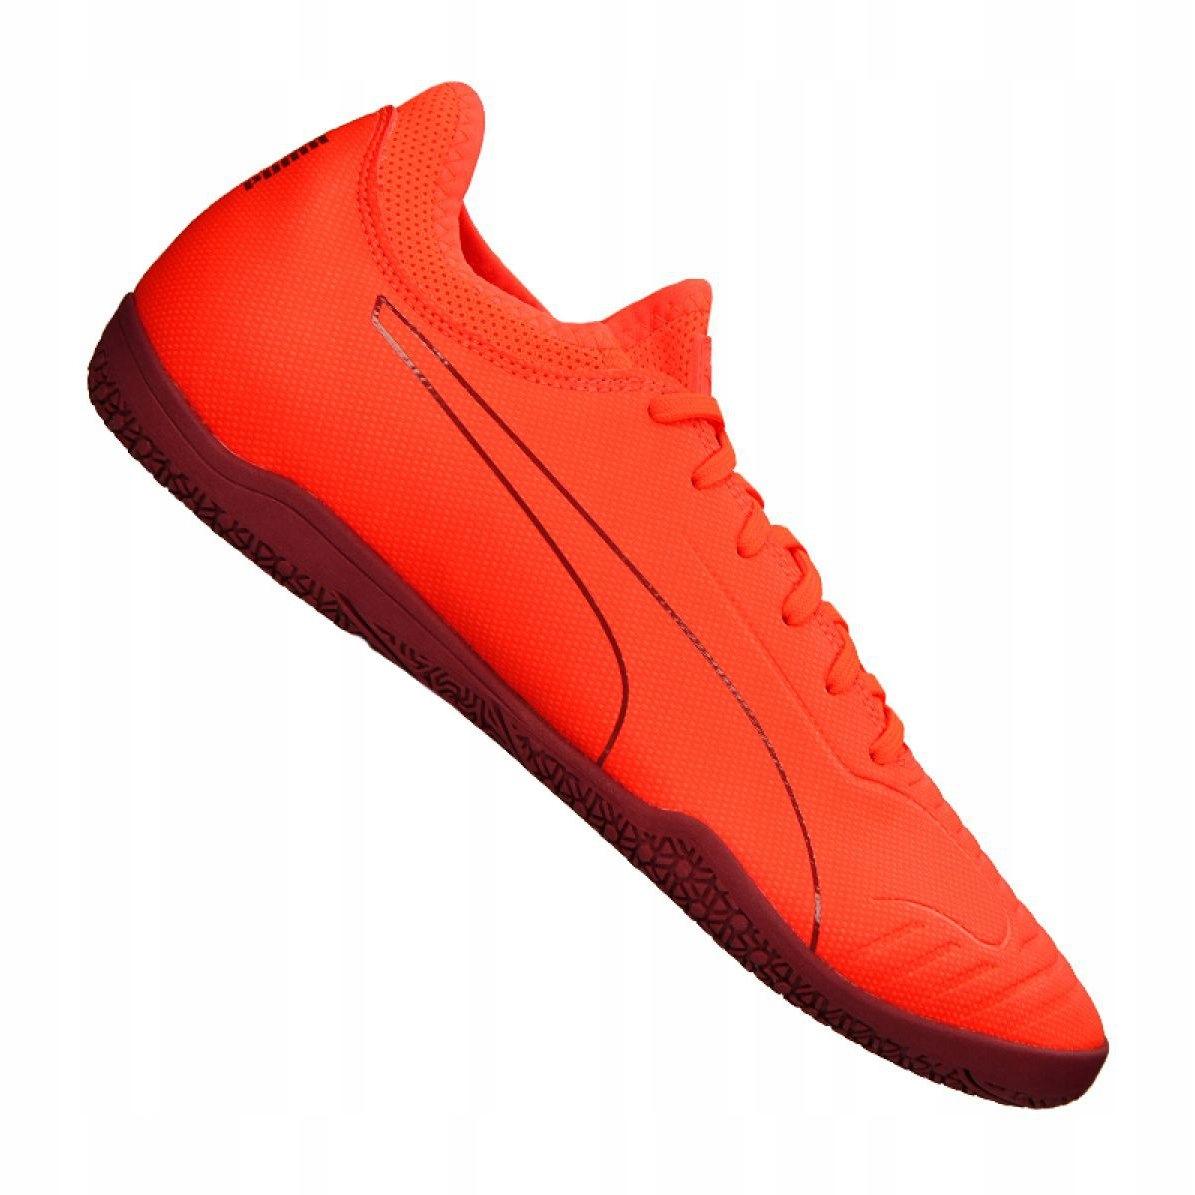 Buty halowe Puma 365 Sala 2 M 105758 02 pomarańczowe